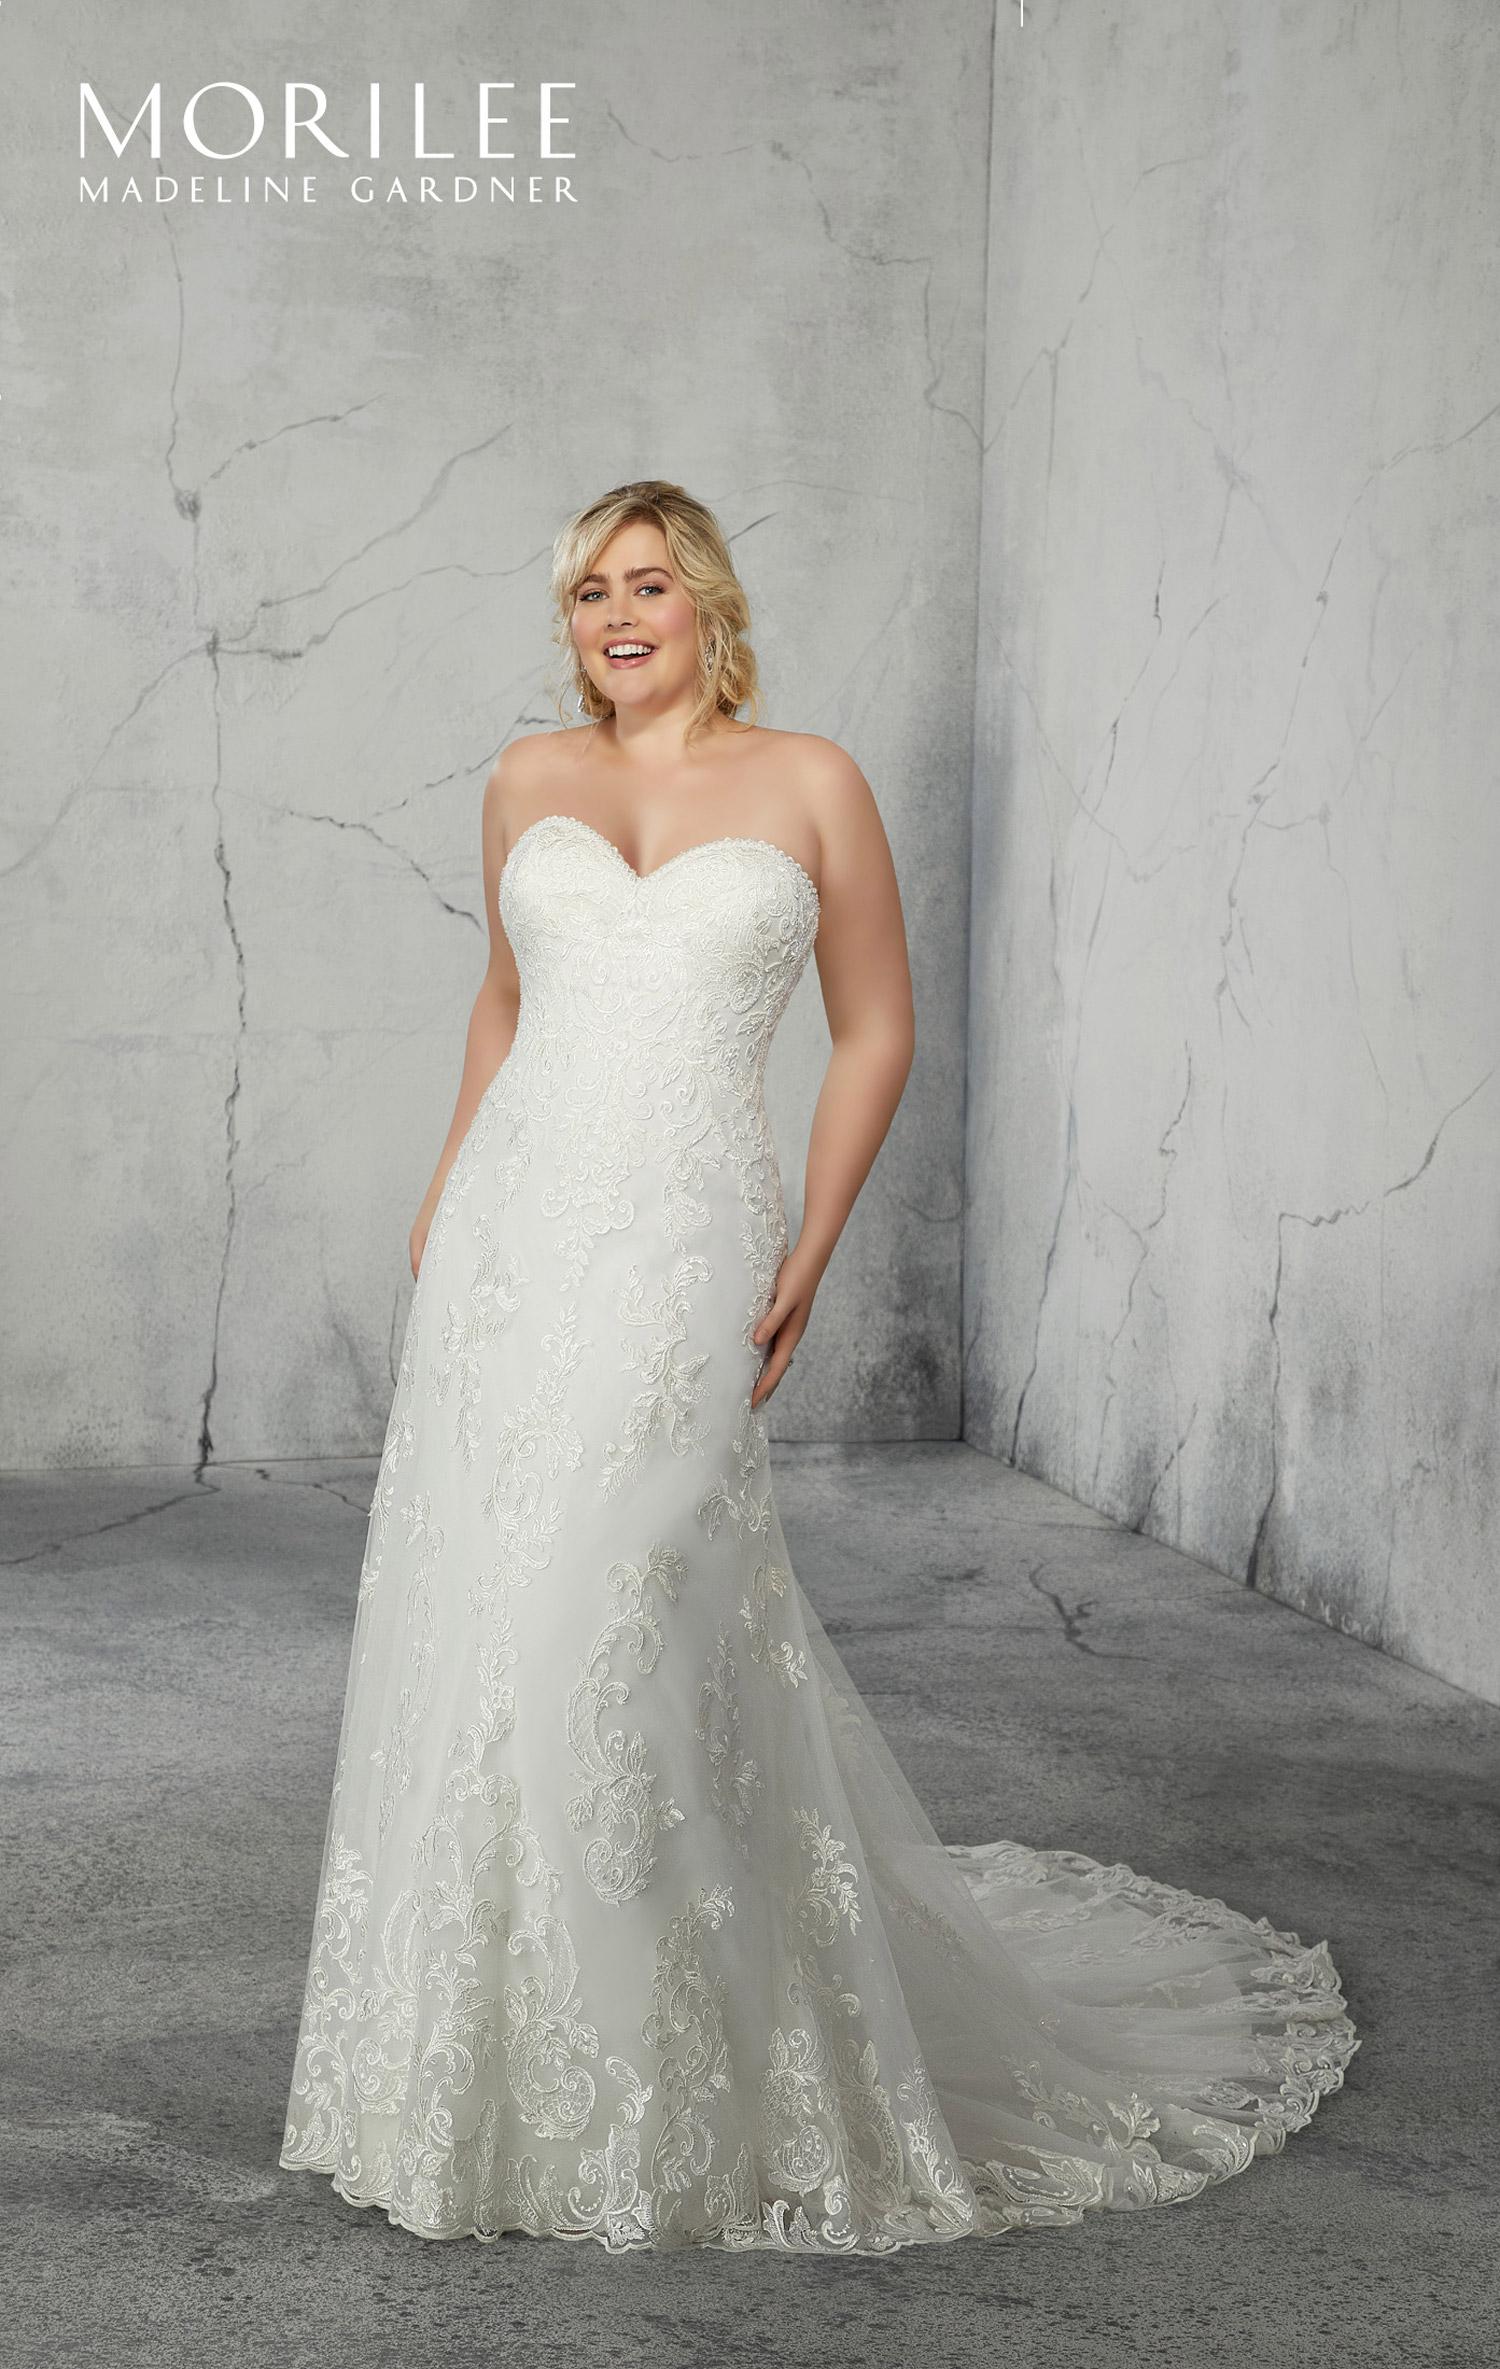 Abiti Da Sposa E Sposo.Abito Da Sposa Curvy 2020 3266 Mariages It Abiti Sposa E